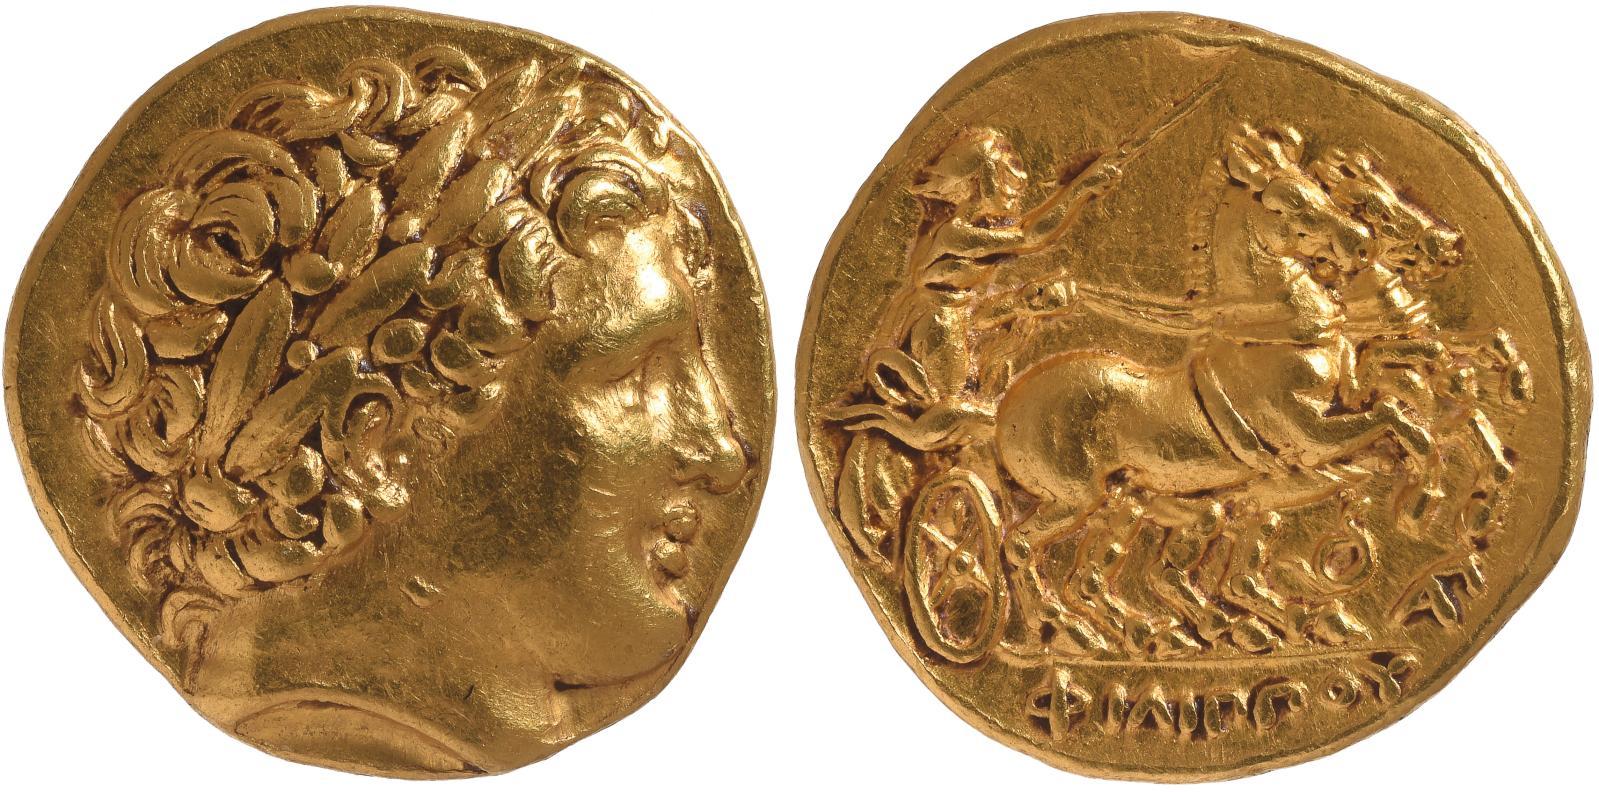 Statère de Philippe II de Macédoine (359-336 av. J.-C.),or, 8,58 g. © Philippe Jolivel - Banque de France